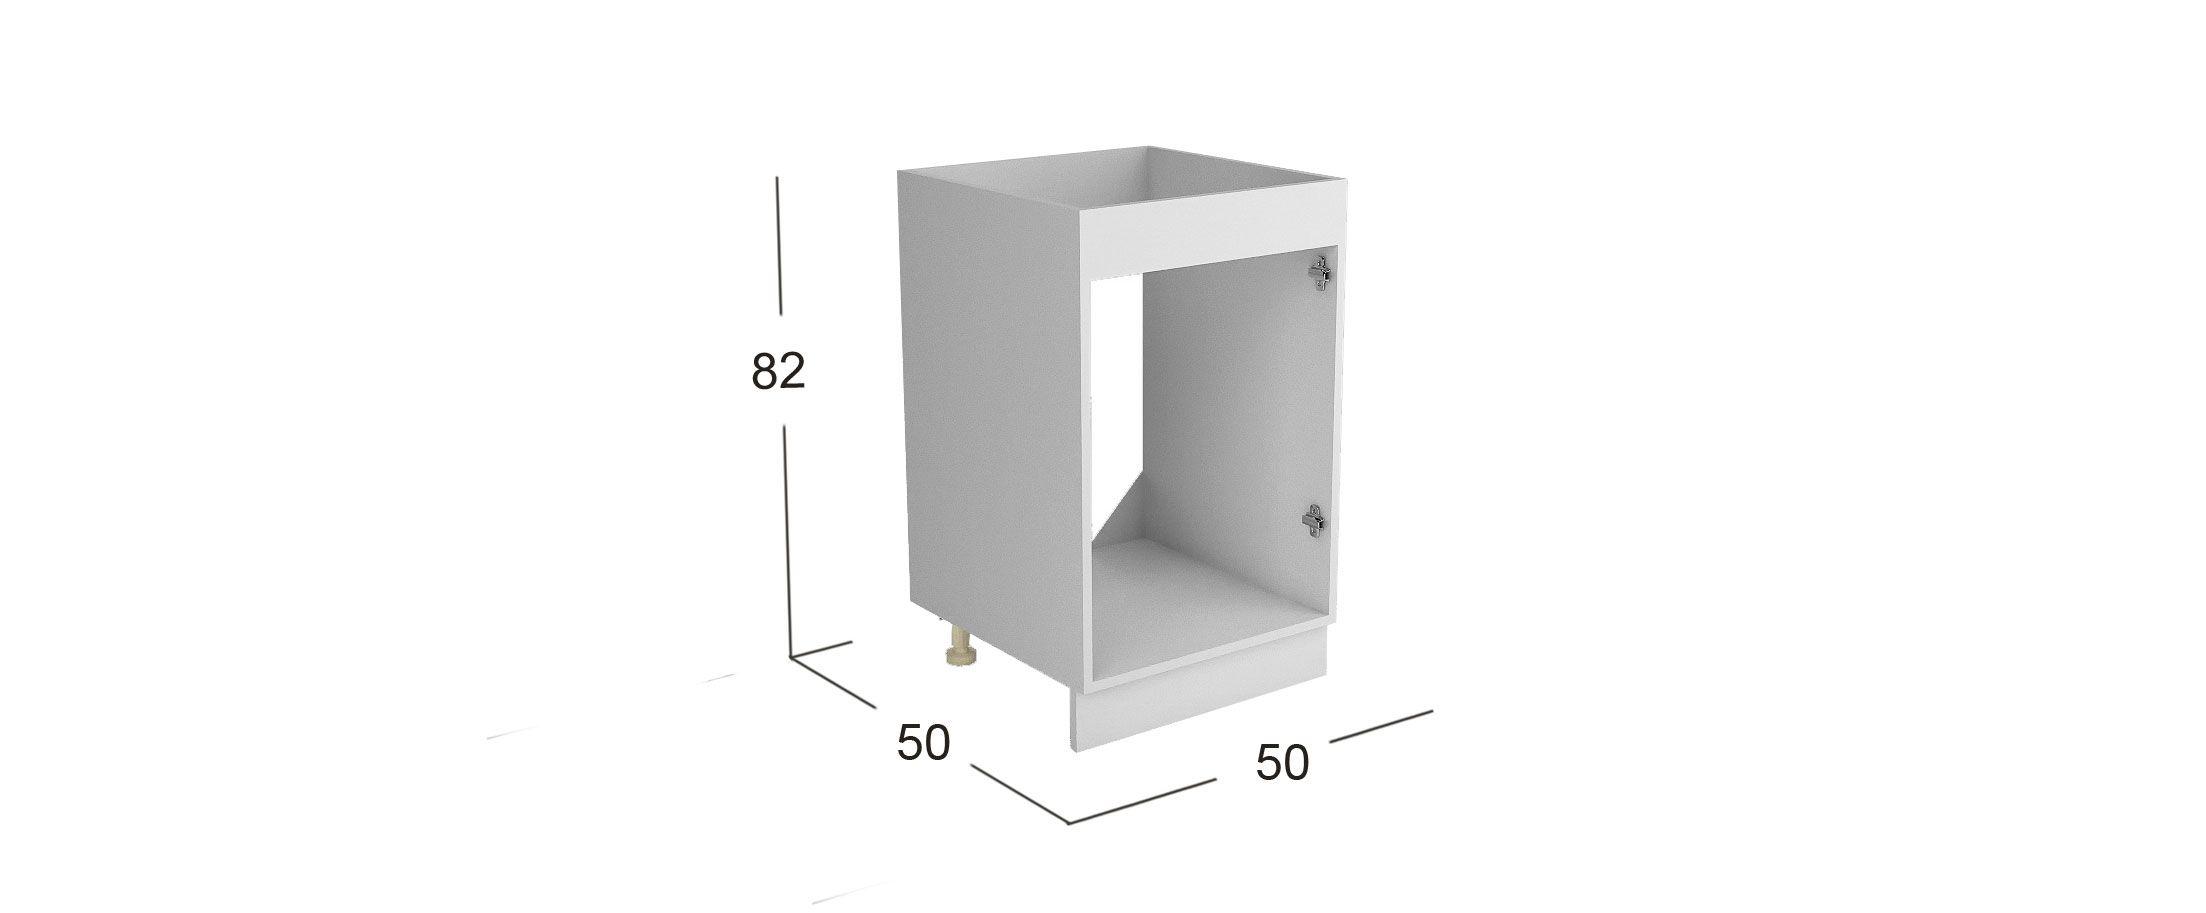 Кухня Красный глянец 1,5 мКупить удобный и практичный набор кухонного гарнитура в интернет магазине MOON TRADE. Быстрая доставка, вынос упаковки, гарантия! Выгодная покупка!<br><br>Ширина см: 150<br>Глубина см: 60<br>Высота см: 82<br>Материал столешницы: ЛДСП с пленкой ПВХ<br>Цвет столешницы: Асфальт черный<br>Материал фасада: МДФ<br>Цвет фасада: Красный глянец<br>Материал корпуса: ЛДСП<br>Тип направляющих: Роликовые<br>Цвет корпуса: Белый